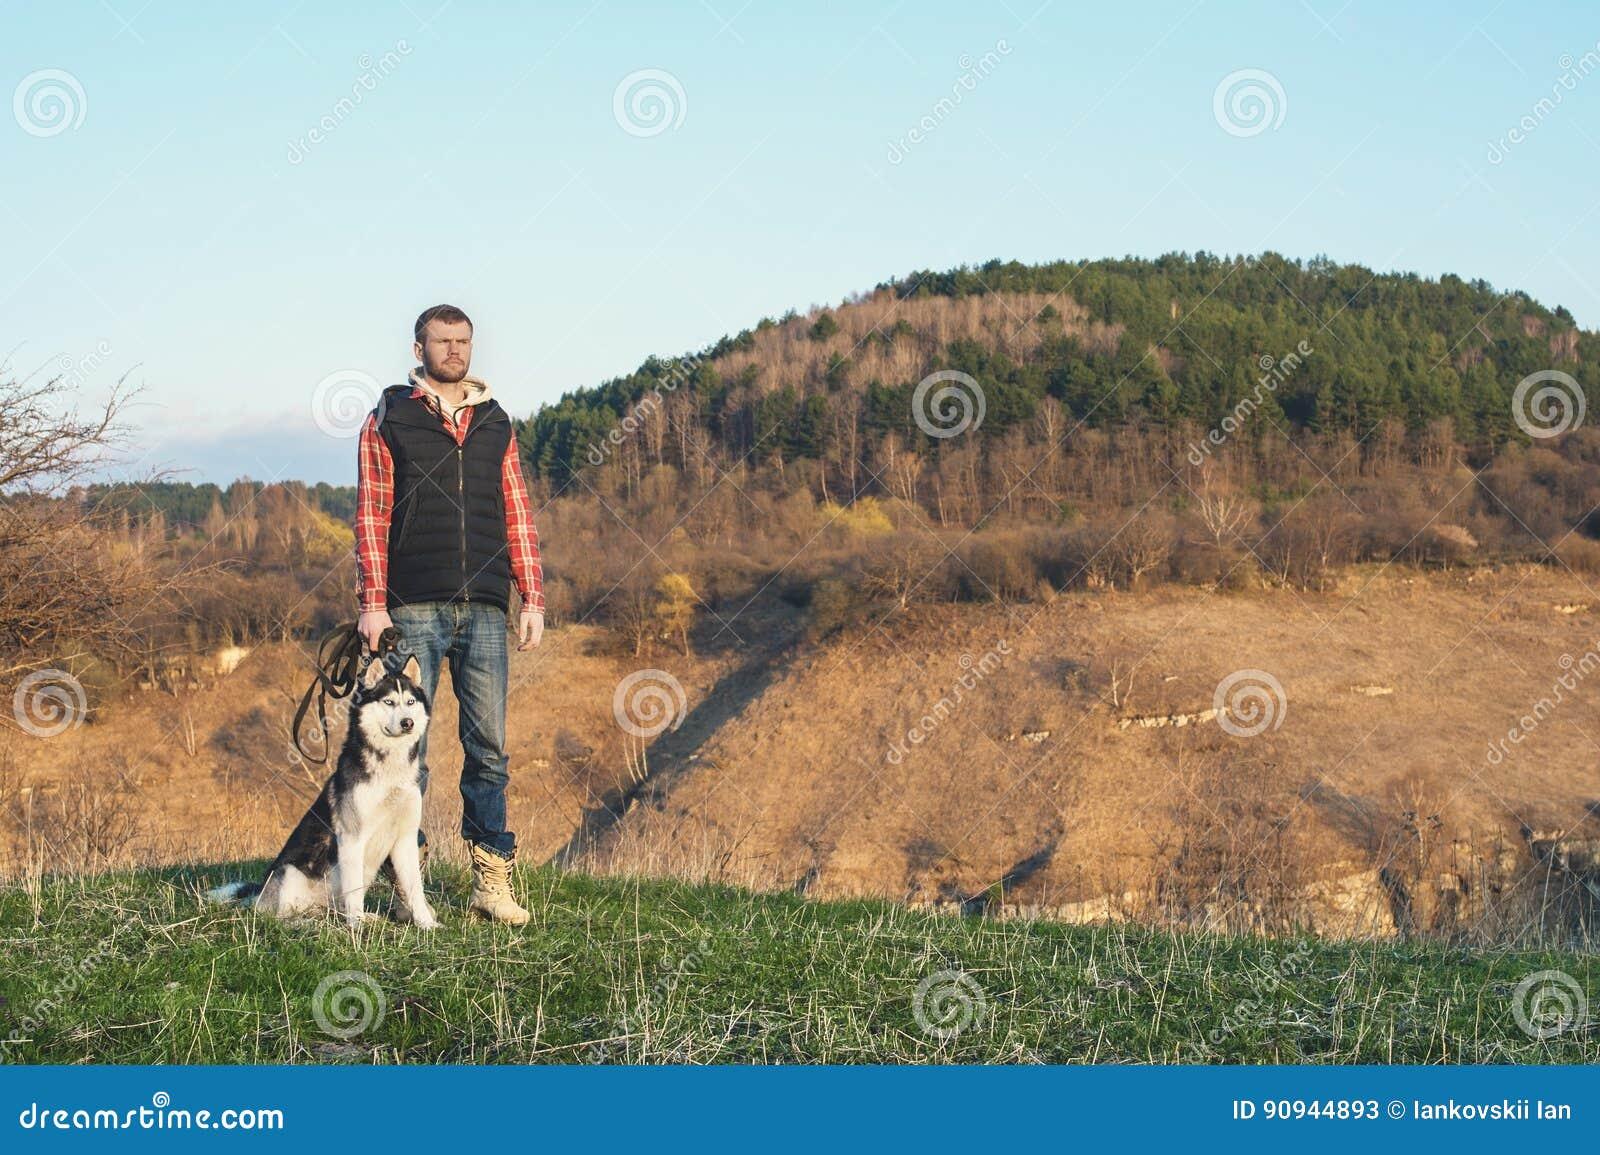 ein mann mit einem bart gehend sein hund in der natur stehend mit einer hintergrundbeleuchtung. Black Bedroom Furniture Sets. Home Design Ideas